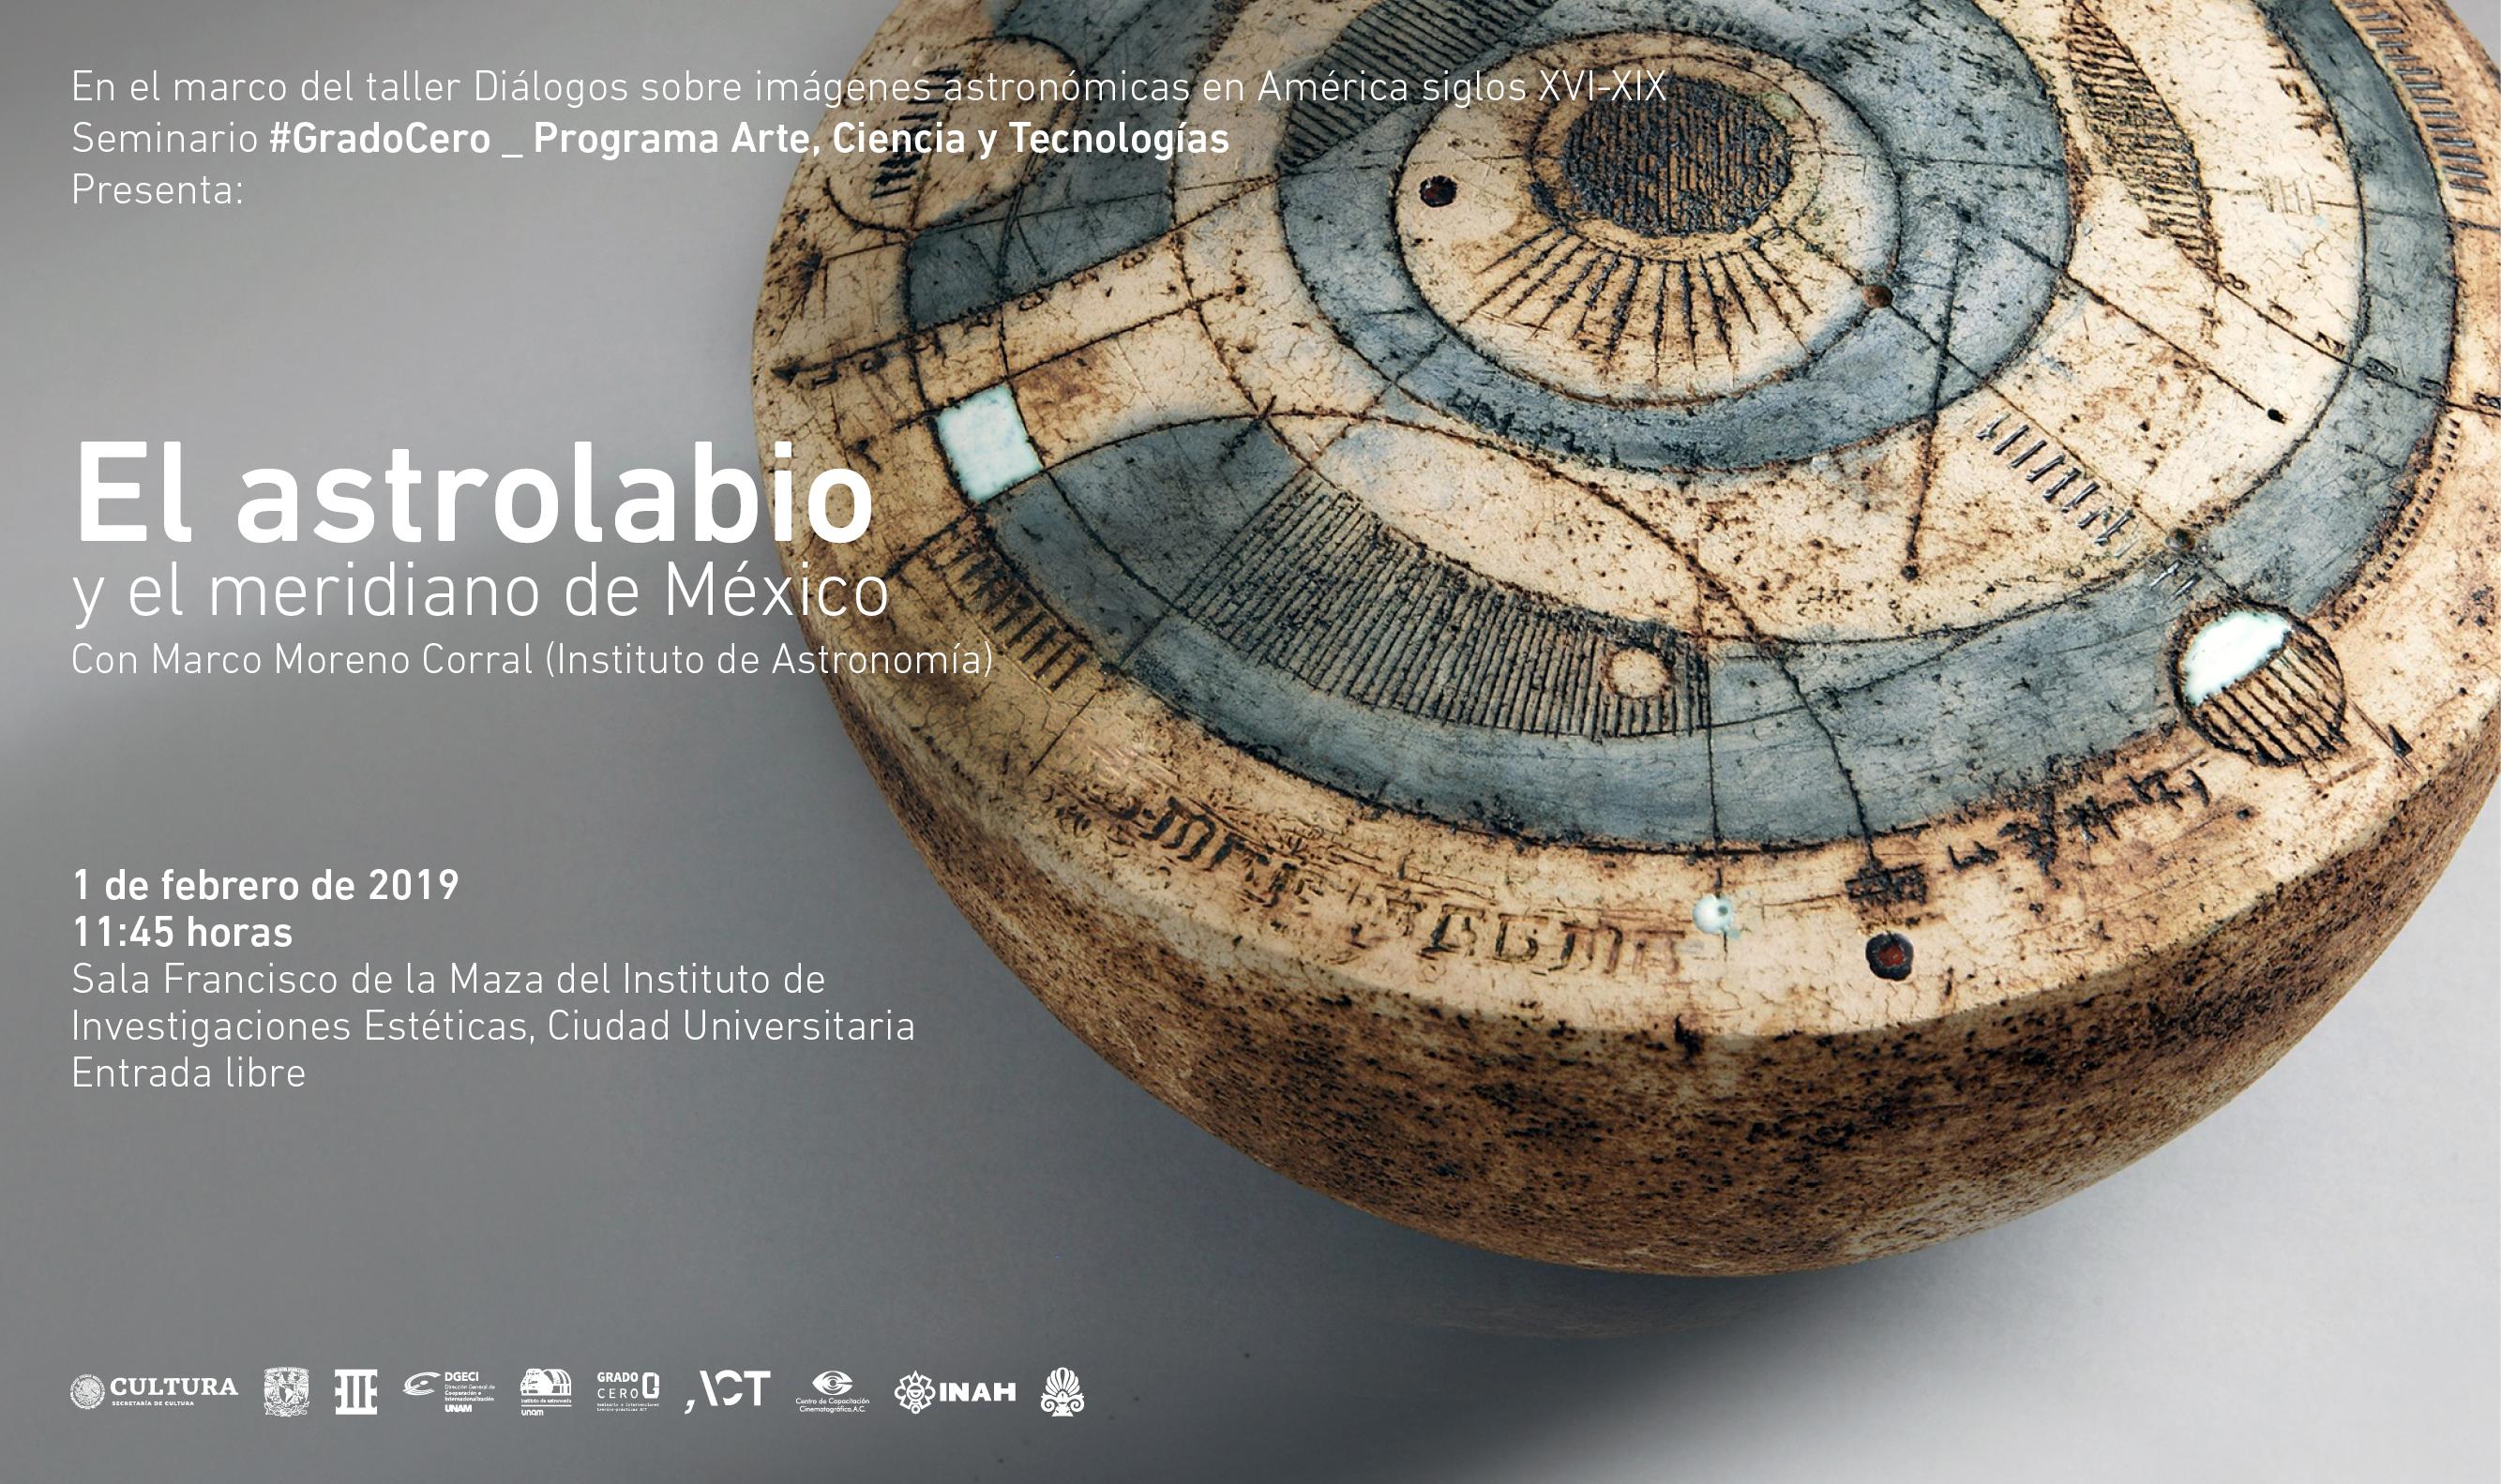 Grado Cero: El astrolabio y el meridiano de México